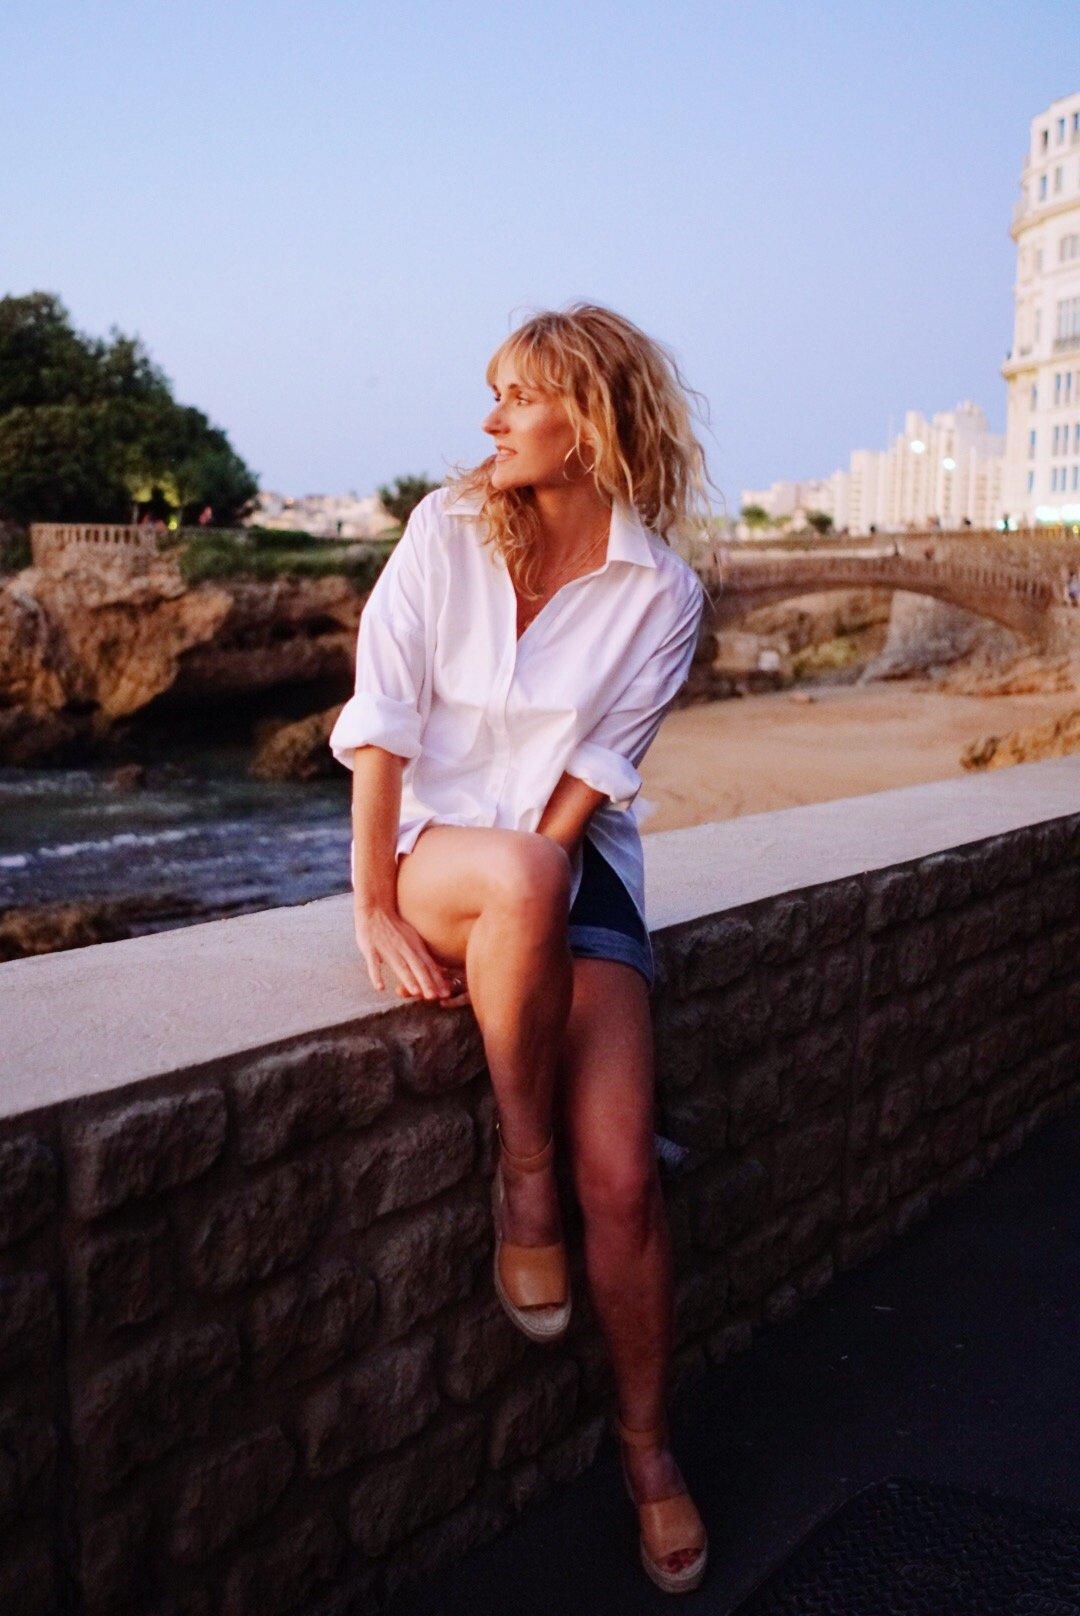 Sommerlook mit weißem Hemd, Jeans-Shorts und Plateausandalen, Nowshine in Biarritz, Sommer 2019